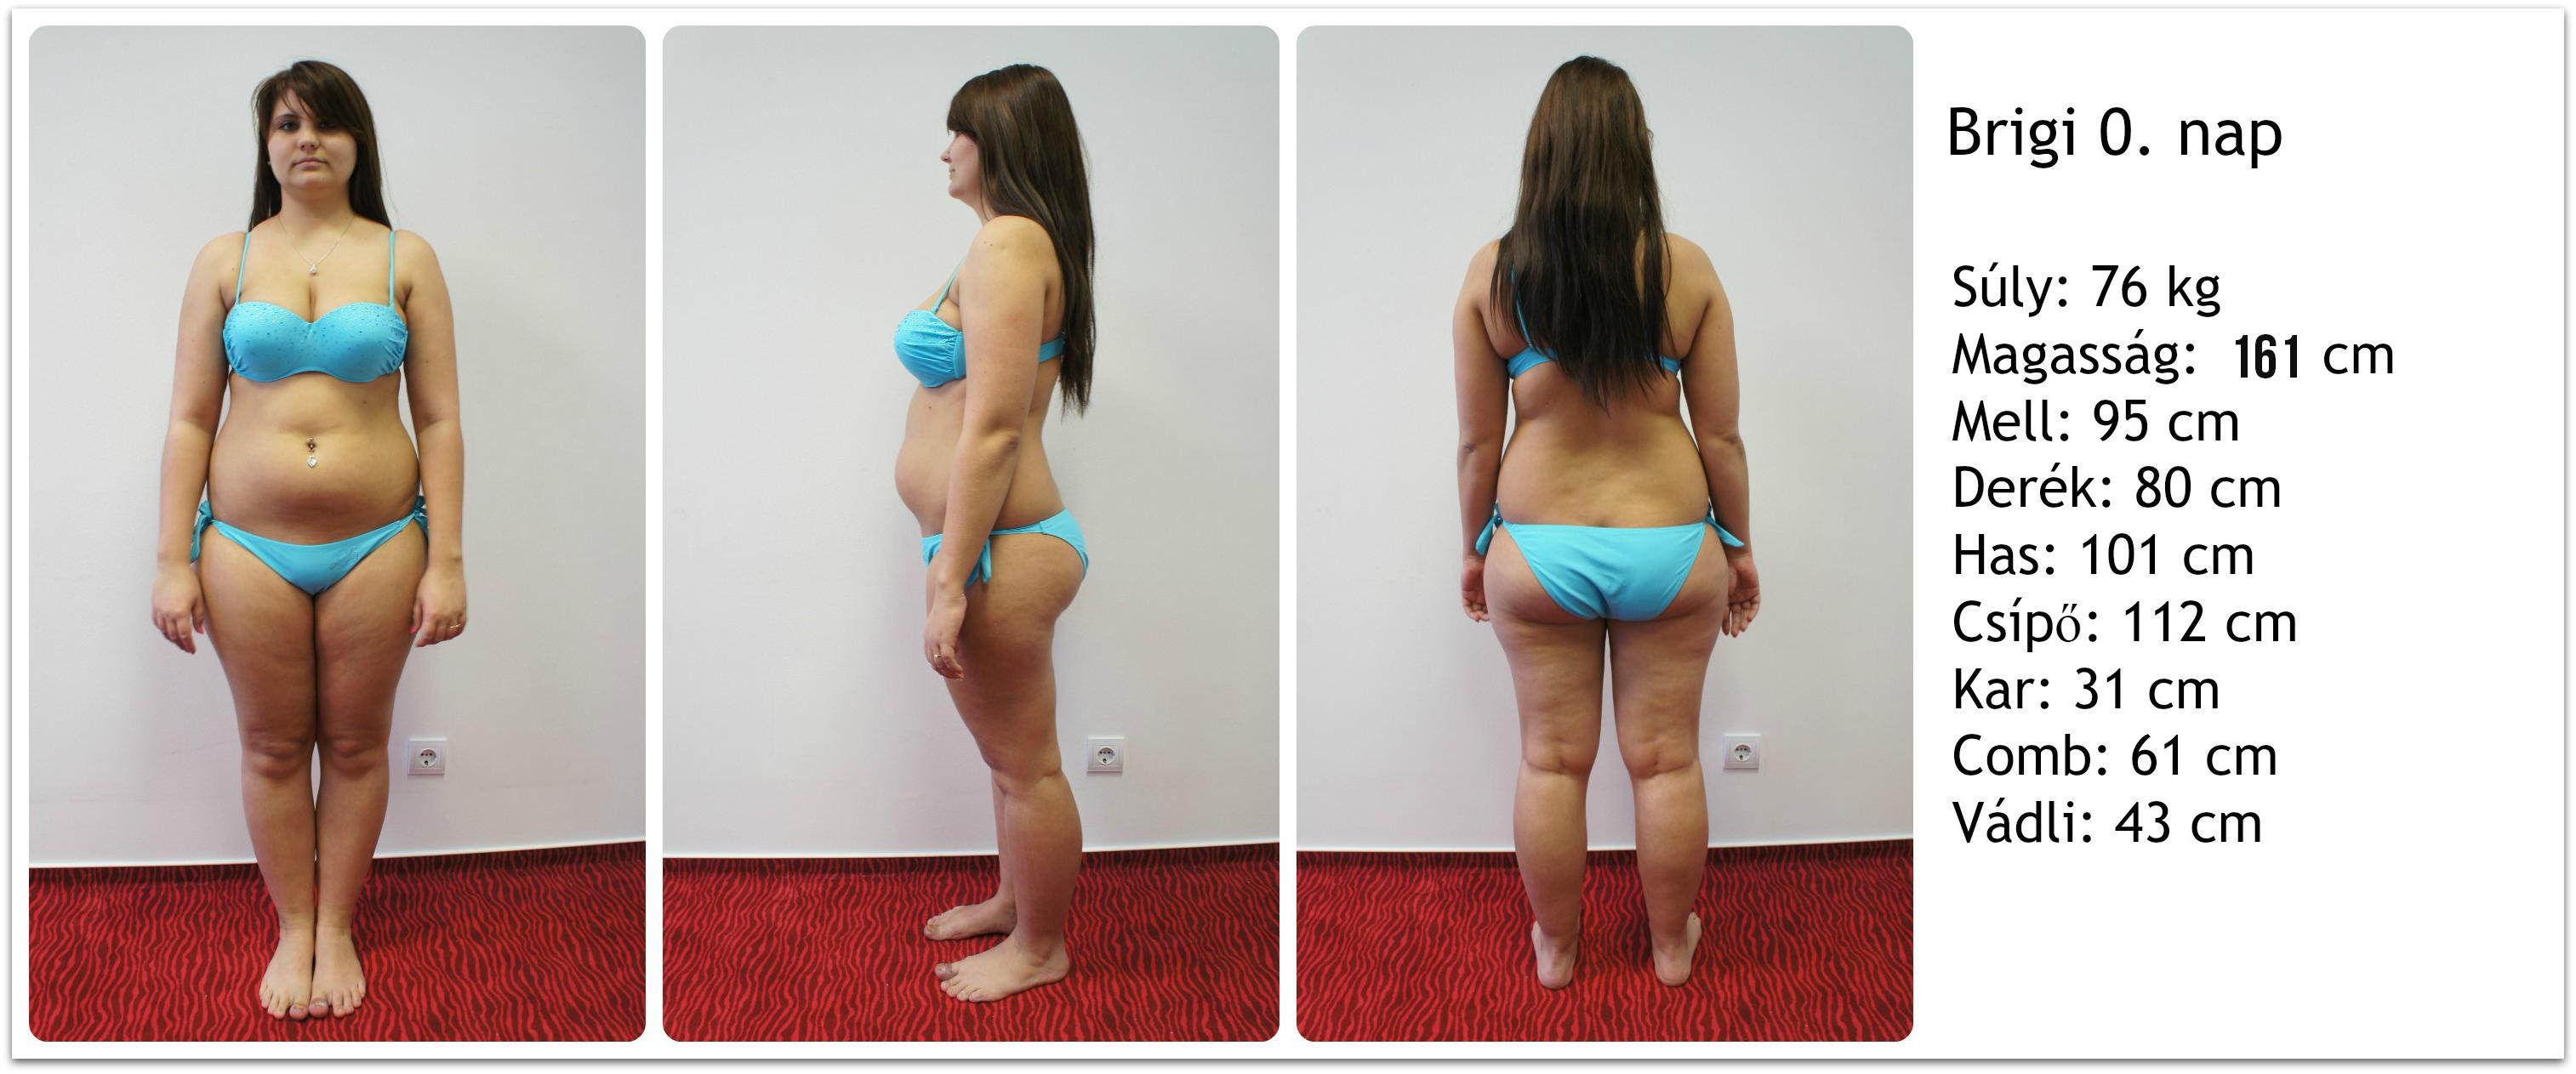 efectos secundarios del max zsírégetés 15 kg súlycsökkenés egy hónap alatt